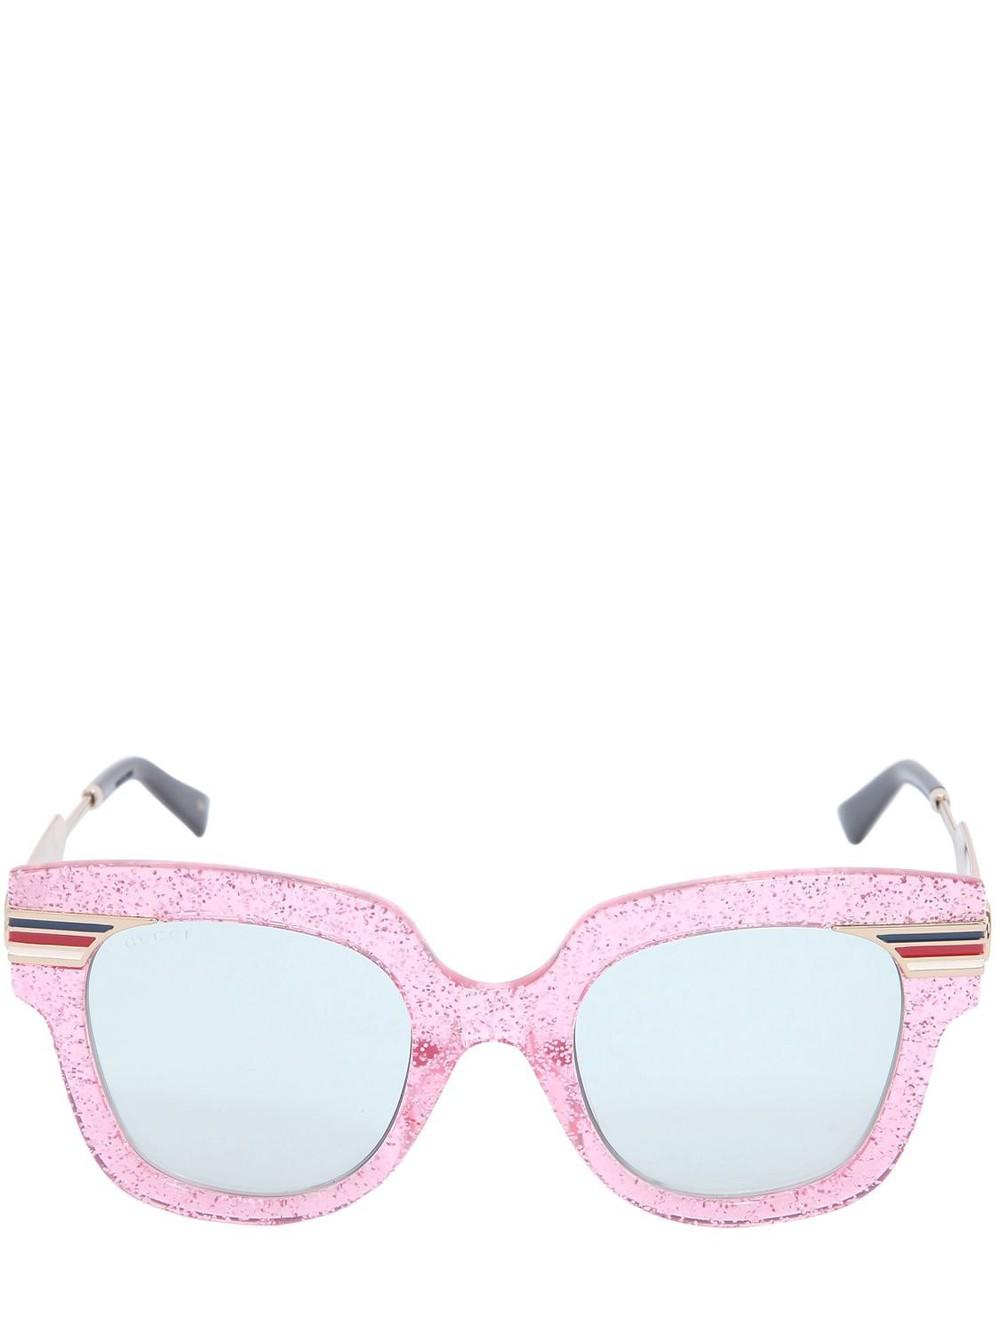 GUCCI Square Vintage Web & Glitter Sunglasses in pink